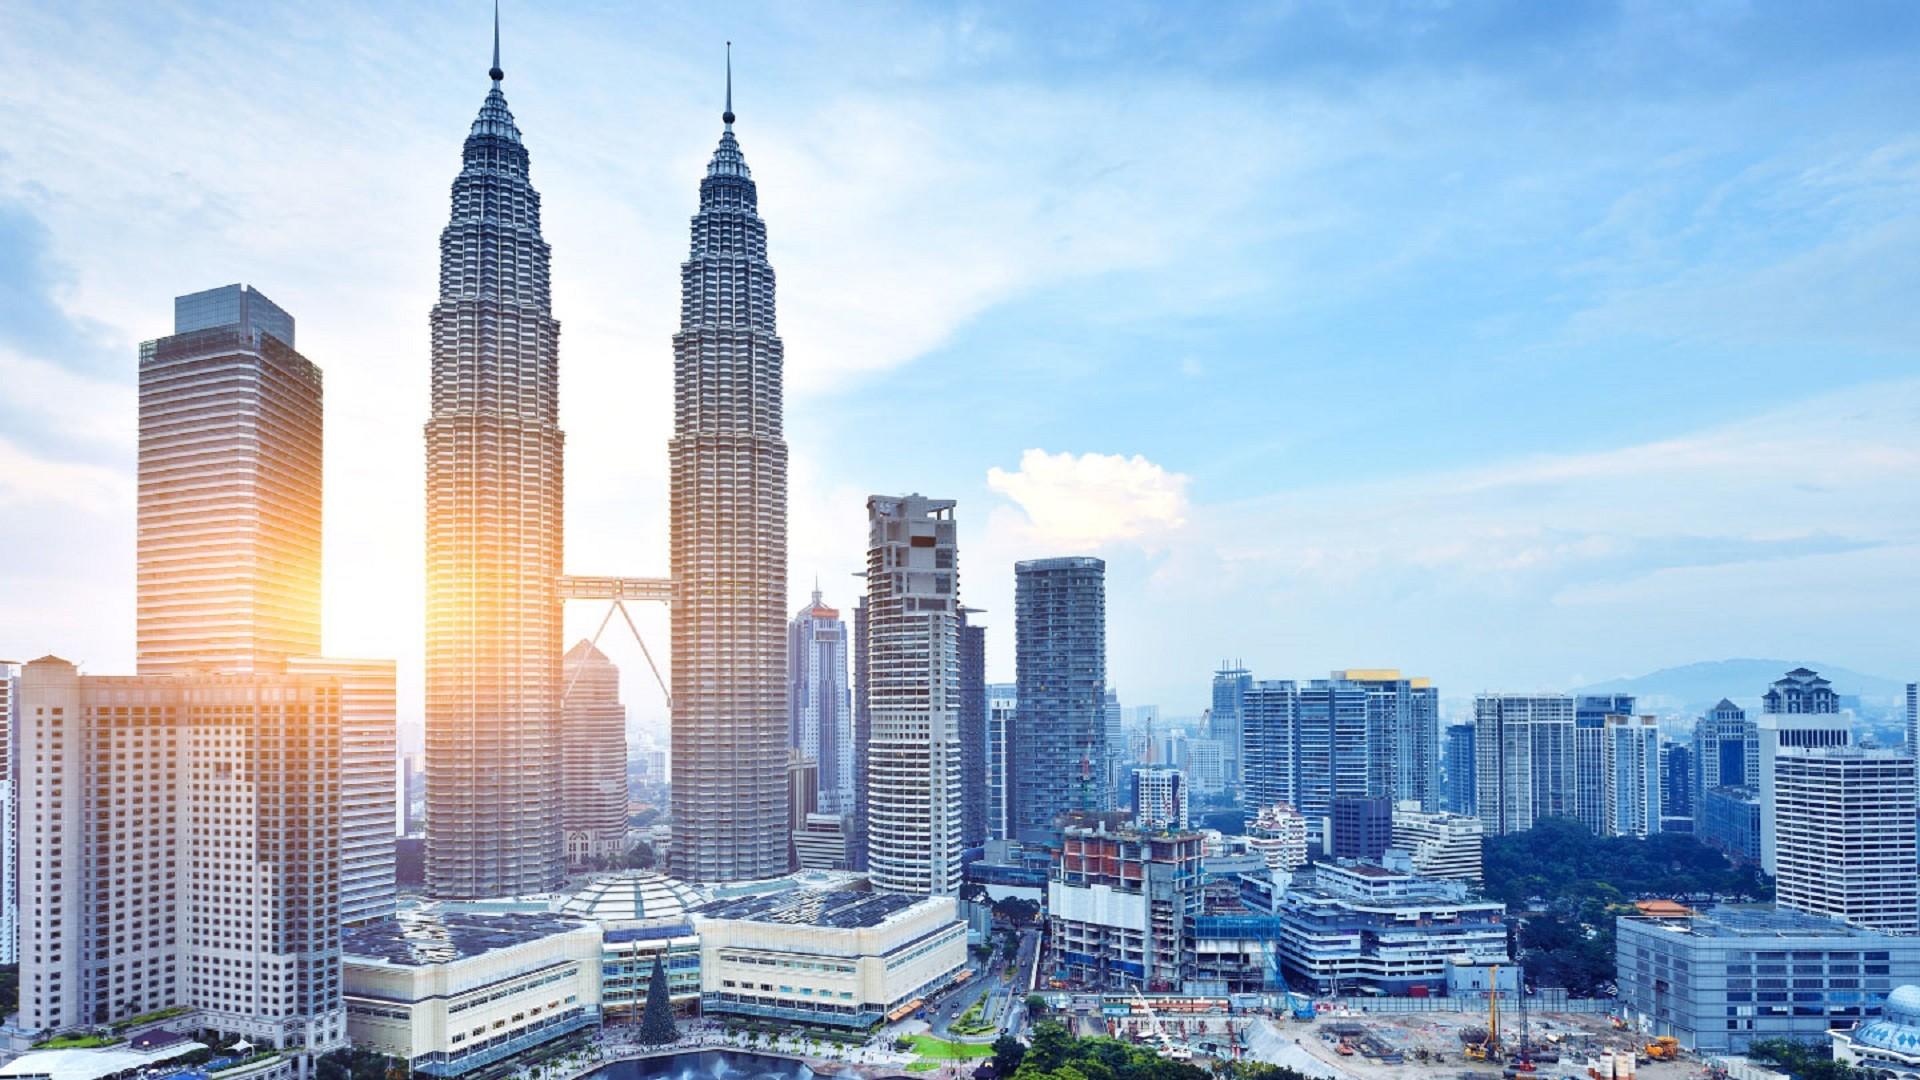 Ảnh mặt trời mọc trên tòa tháp đôi Malaysia